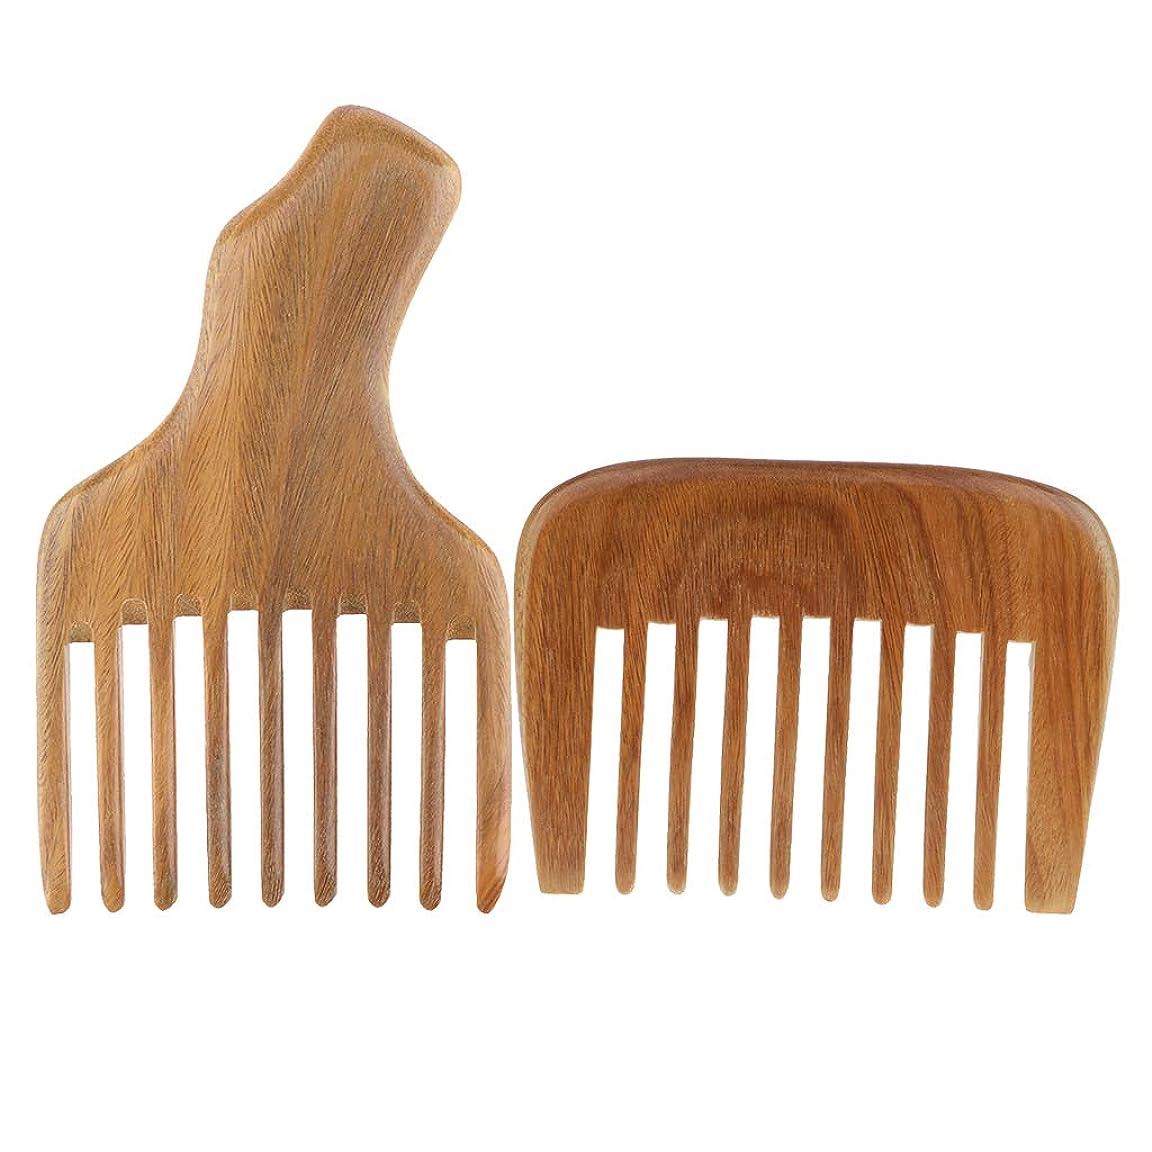 因子水没引き潮P Prettyia 2個 木製櫛 ウッドコーム ワイド歯 ギフト 髪型 ひげ 口ひげ